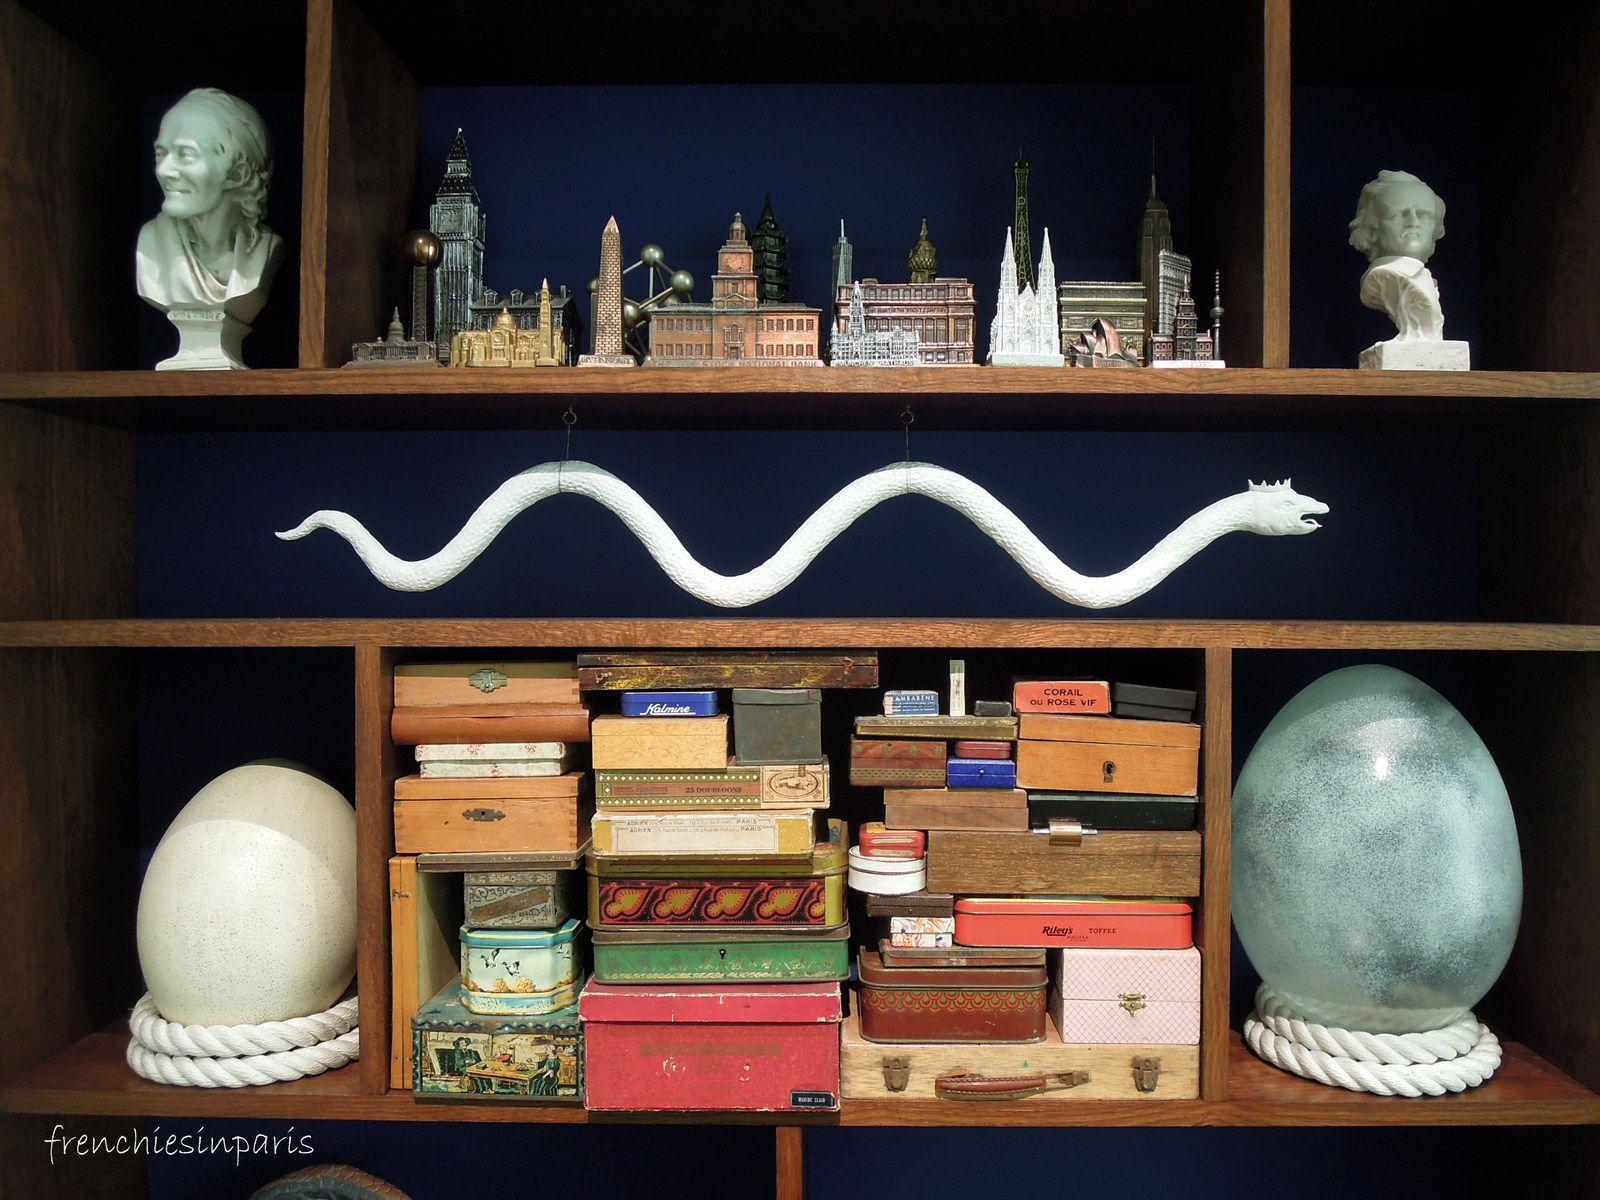 Kader Attia; le grand miroir du monde // Marc Dion; between Voltaire and Poe // Luis Enrique López-Chávez; la Educacion sentimentale // Sam Falls; Untitled // ?? // ?? // Loris Cecchini; WaterBones // En haut: ??